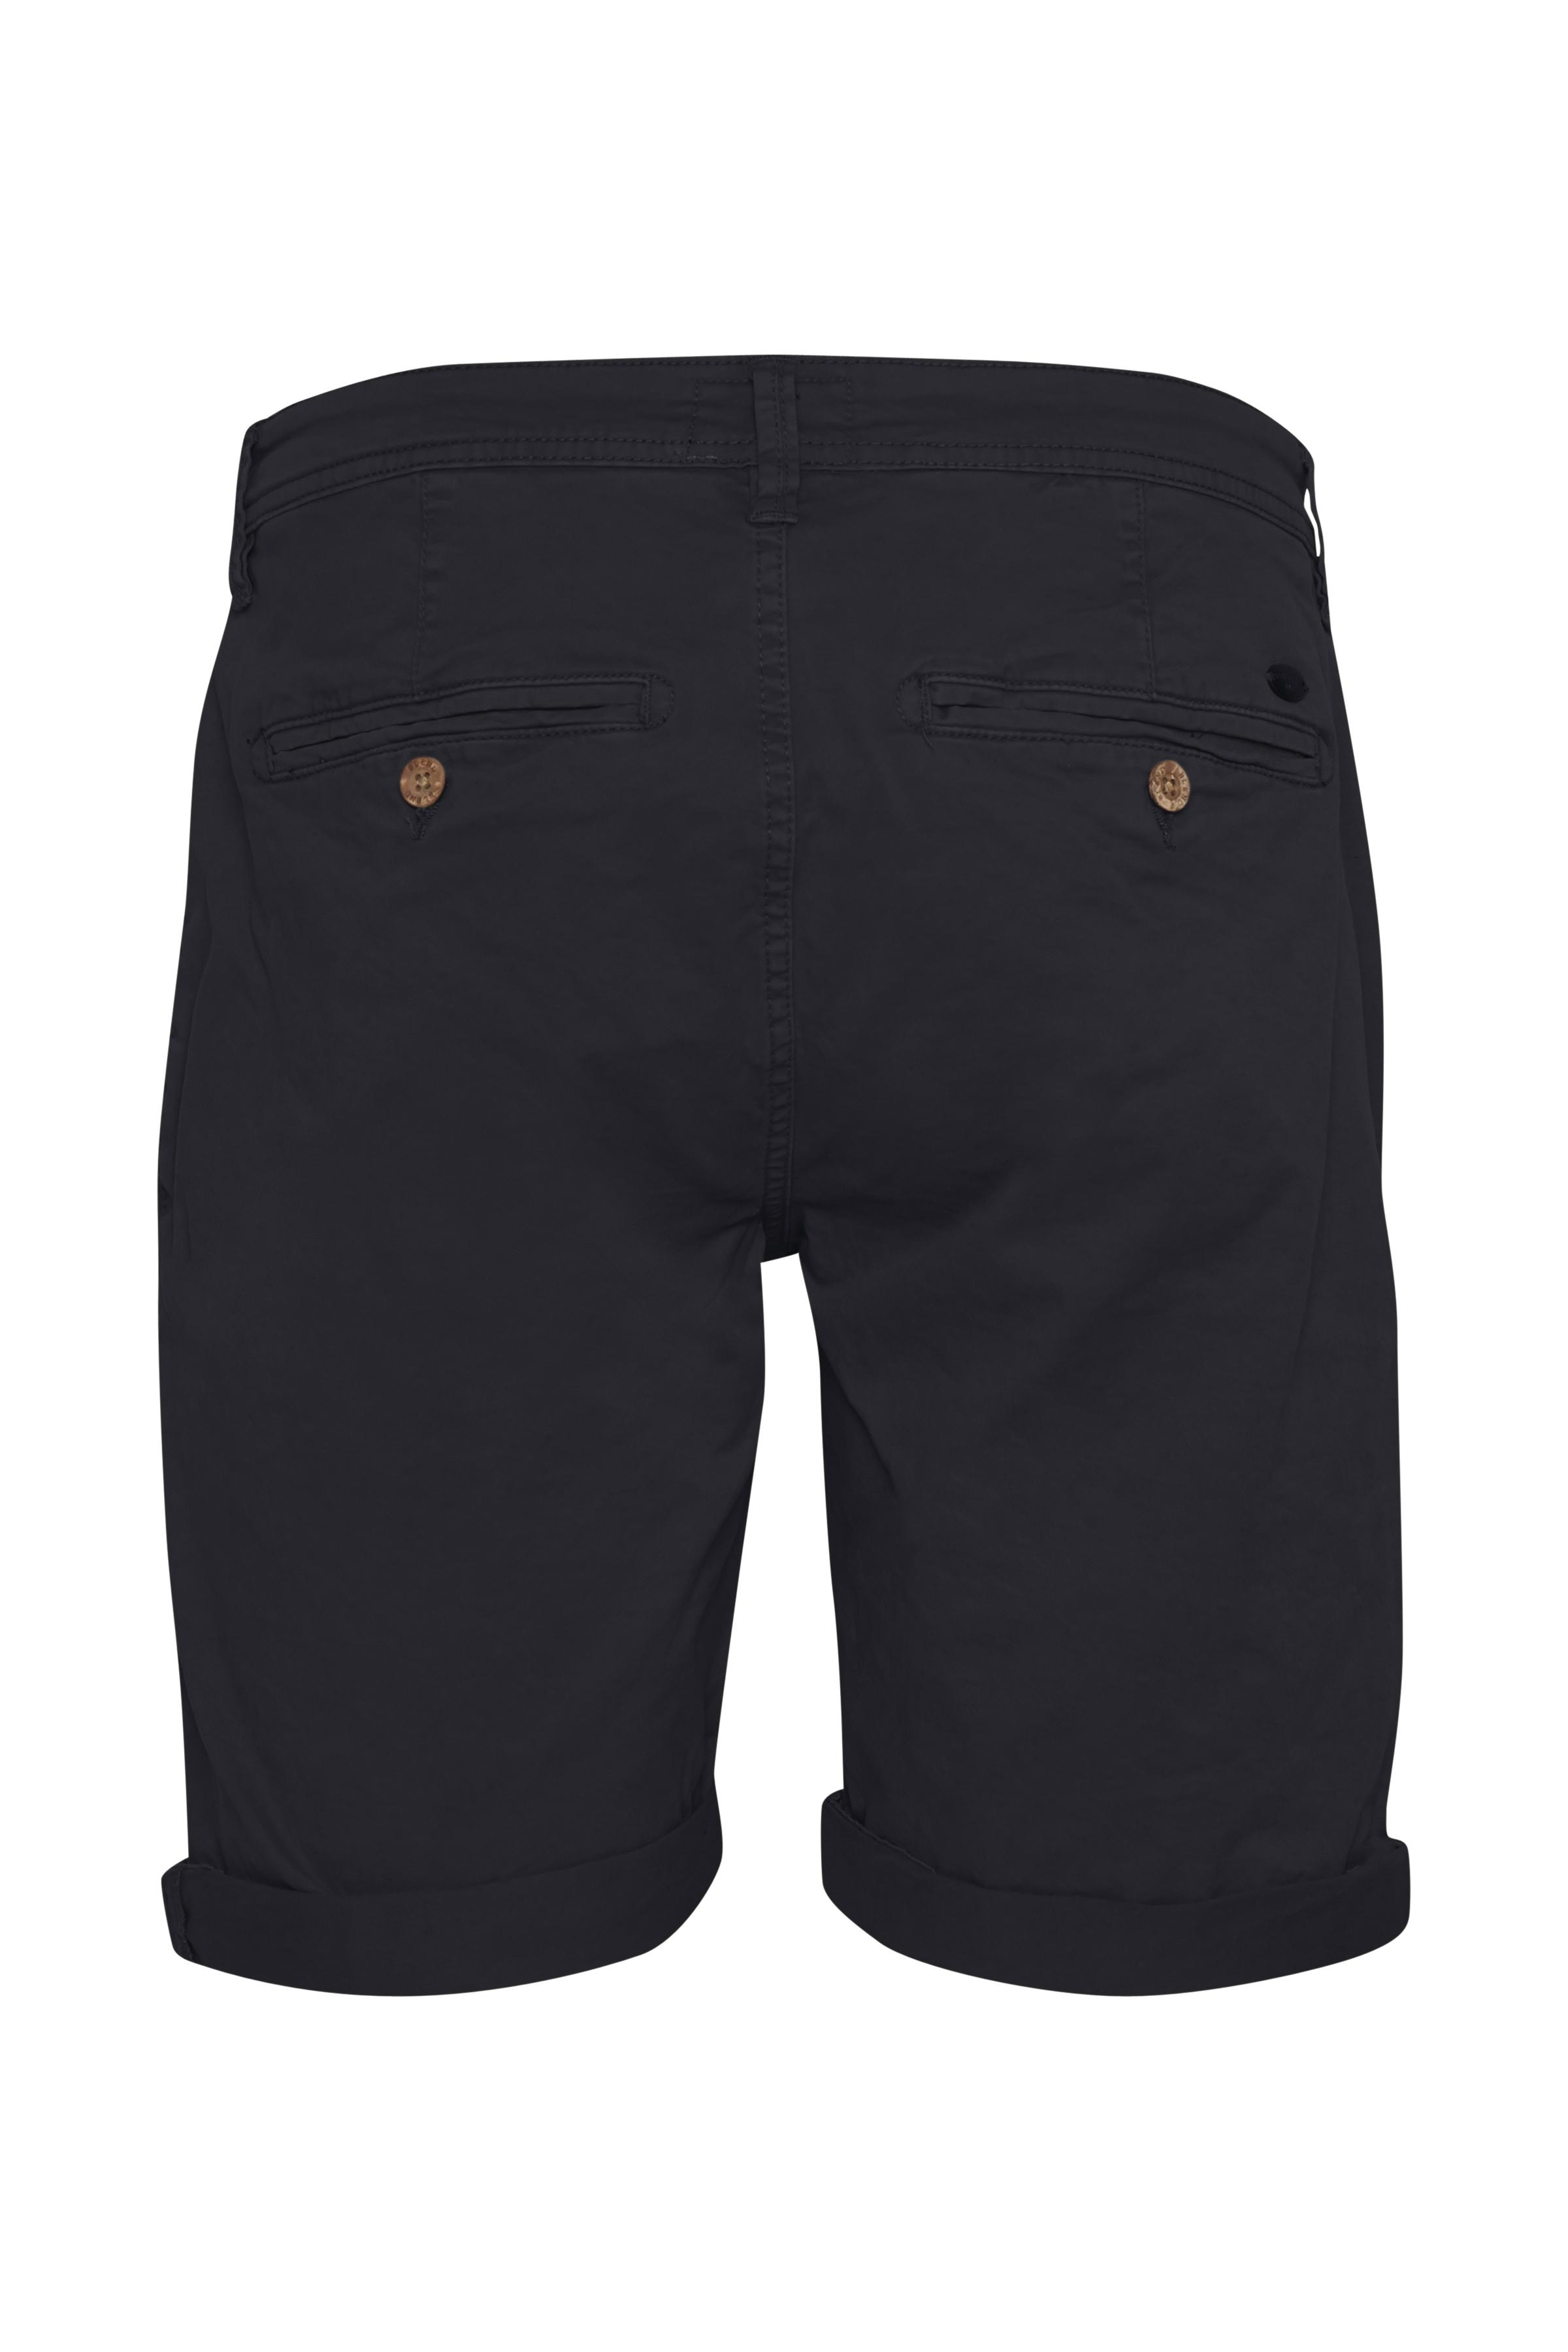 Black Shorts – Køb Black Shorts fra str. S-XXL her